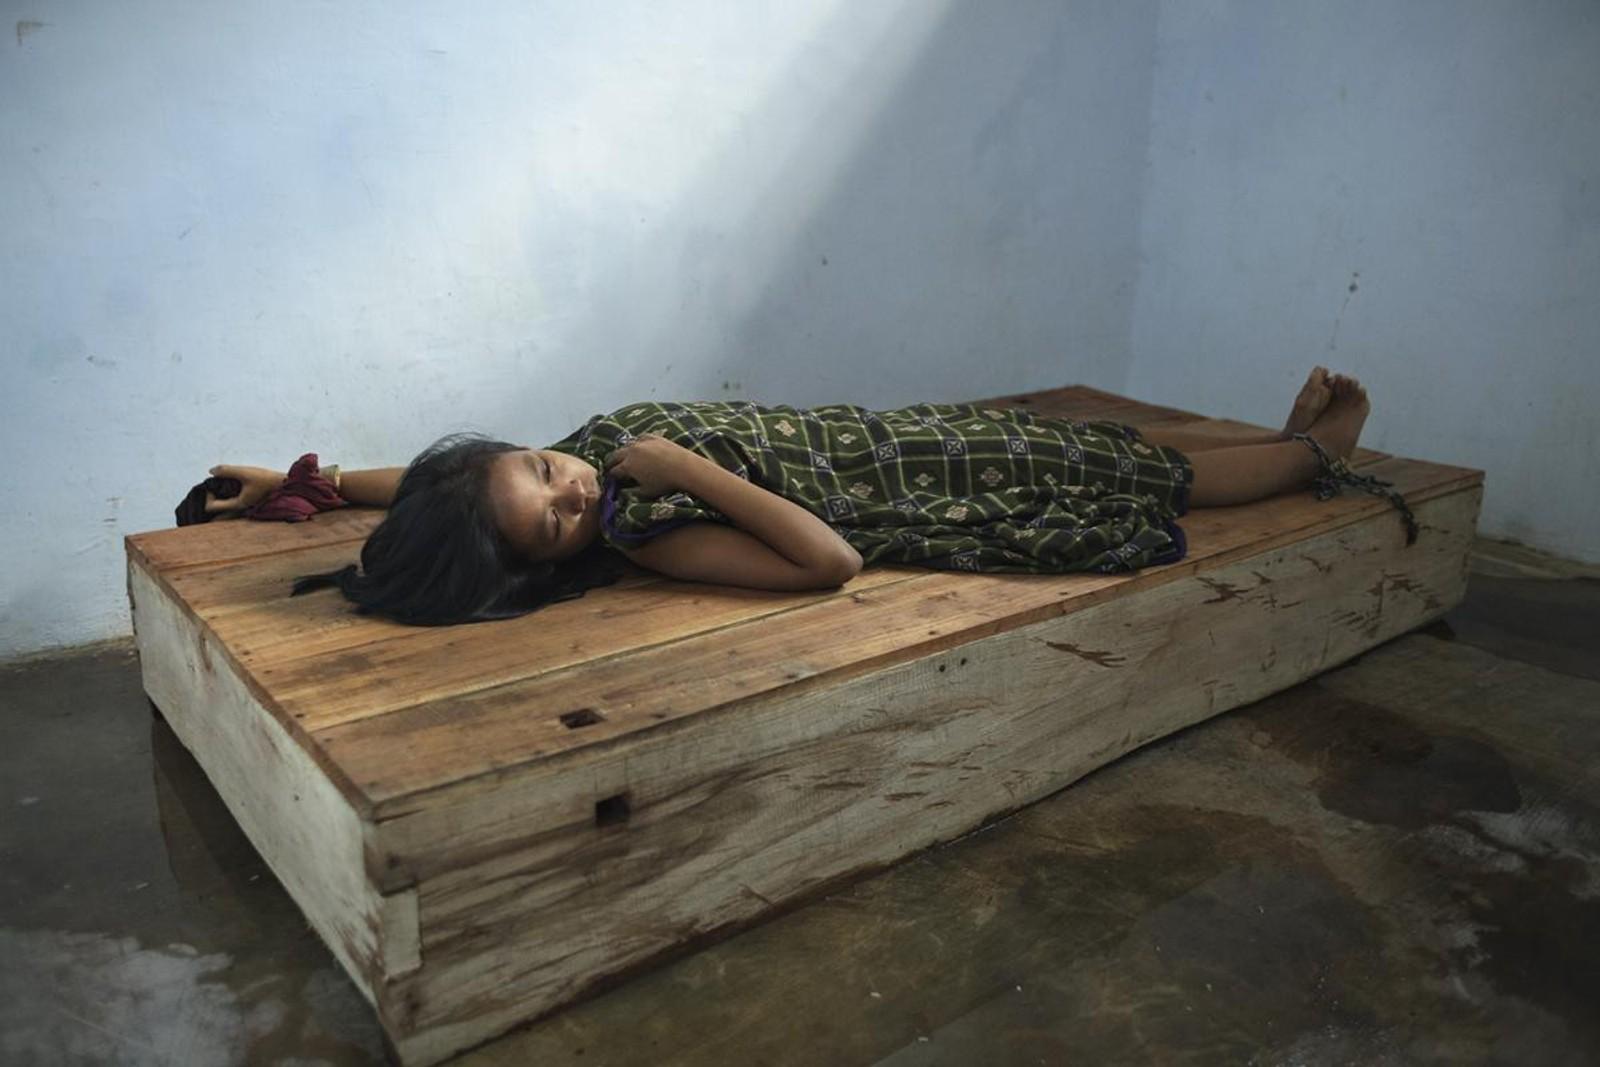 Denne kvinnen er 24 år gammel. Hun har en hånd og en ankel lenket fast til tresengen i Bina Lestari healingsenter i Brebes på øya Java. Etter at ektemannen forlot henne og hennes 5 år gamle datter, utviklet hun depresjon. I Indonesia tror flere at dette betyr at man er besatt av onde ånder.